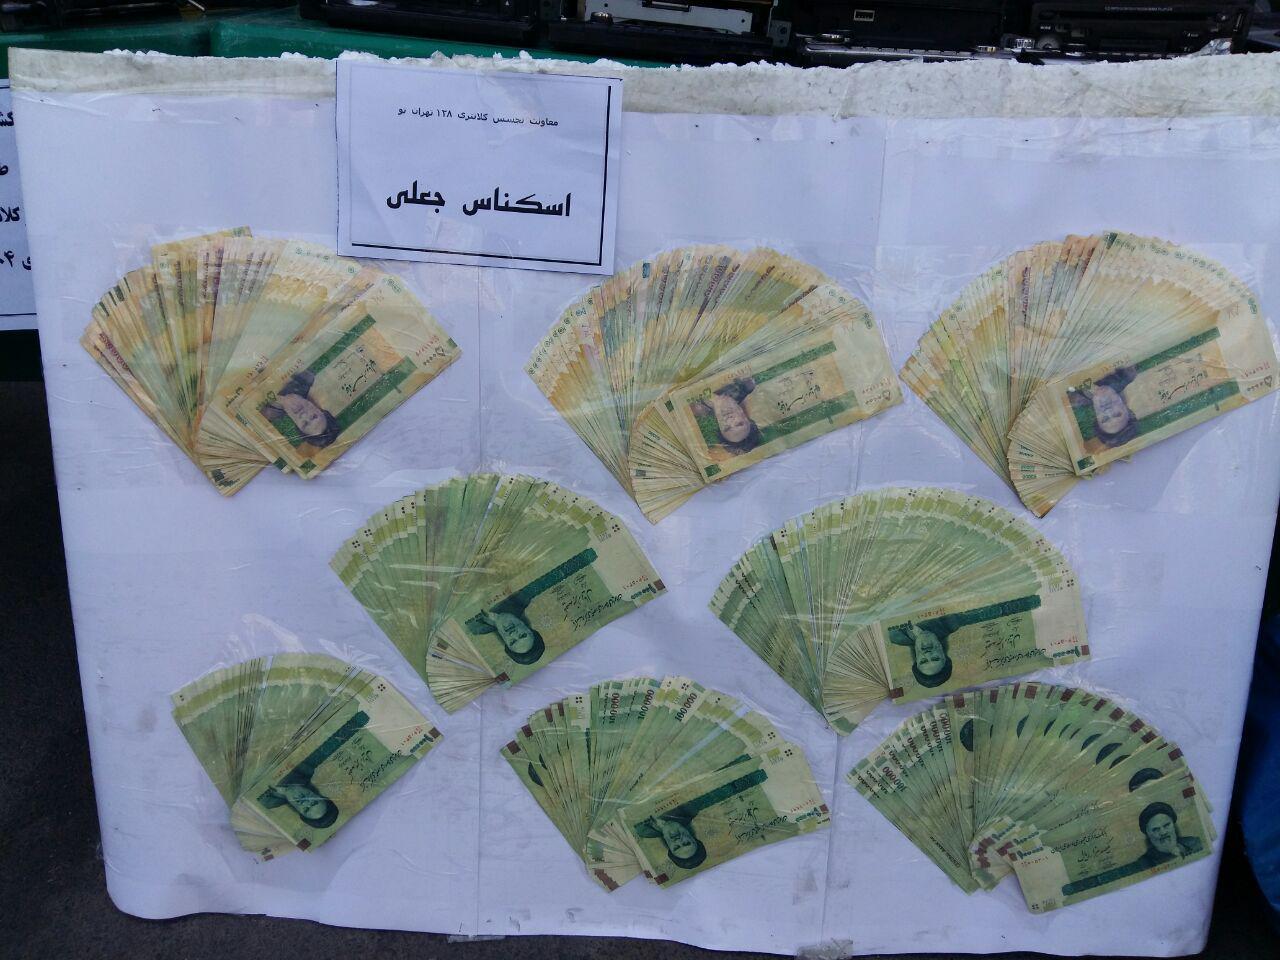 دستگیری ۵۰۱ سارق و مالخر و کشف ۱۹ هزار اموال مسروقه در طرح رعد ۱۵